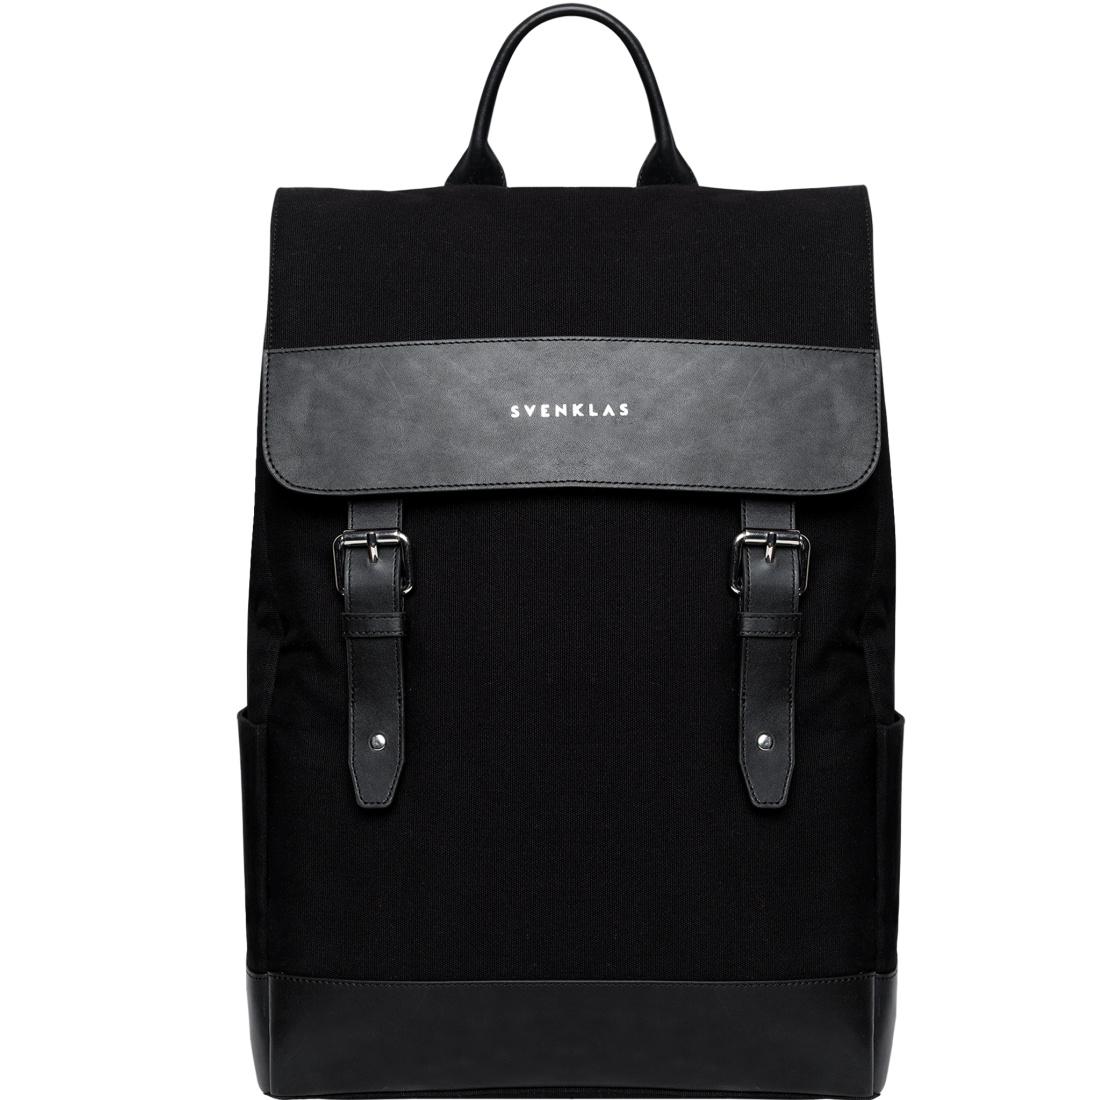 Svenklas Amber - Black Backpack